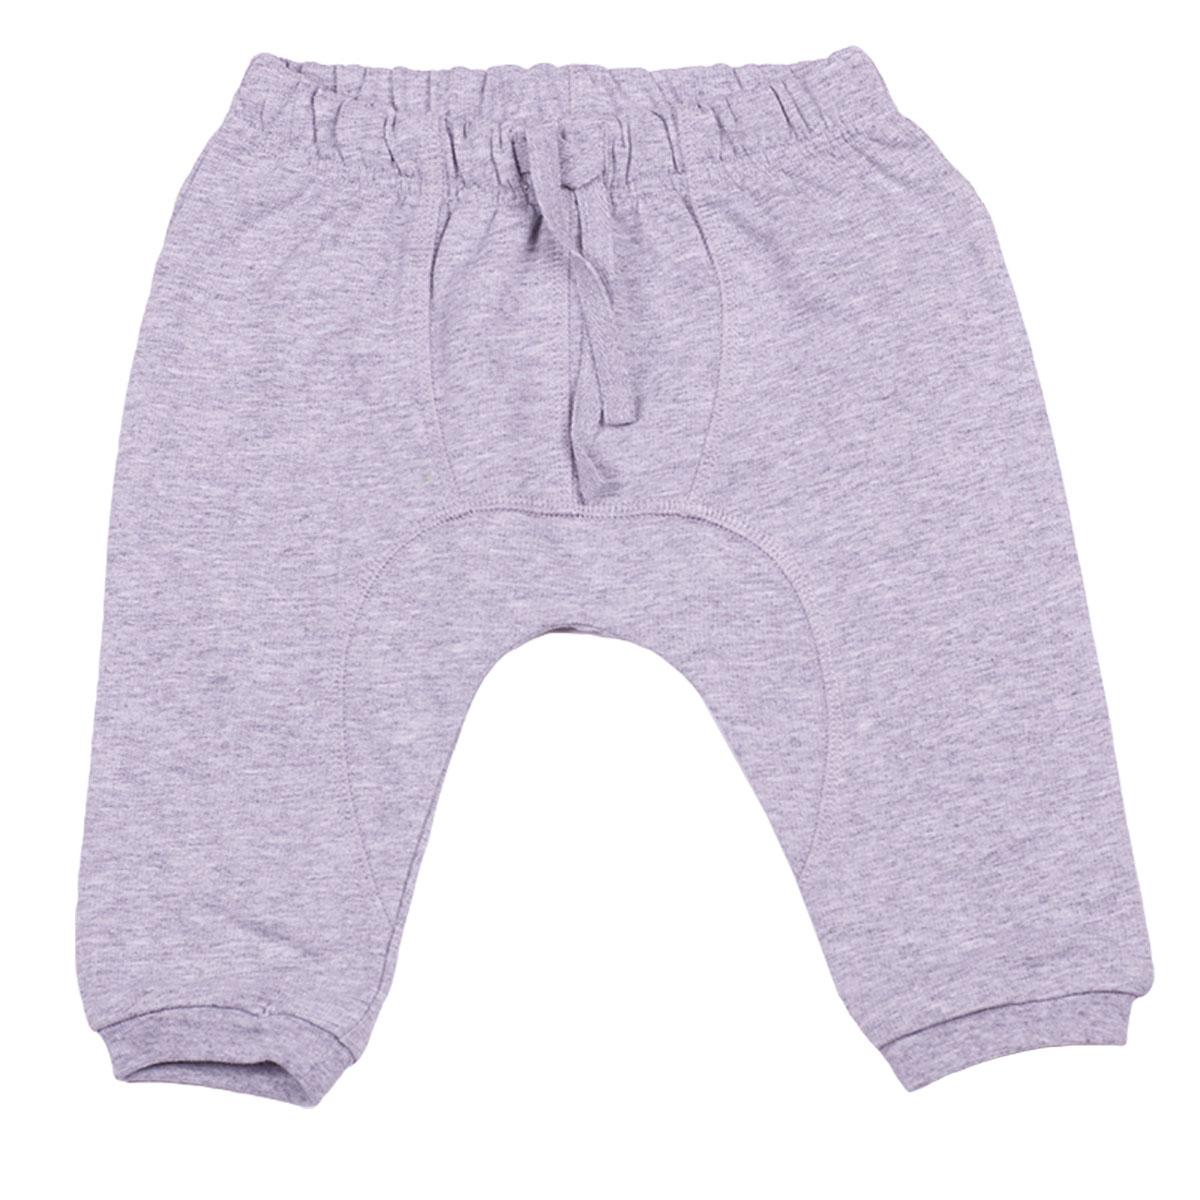 Брюки для мальчика. ZBB 10165-MZBB 10165-MУдобные брюки для мальчика